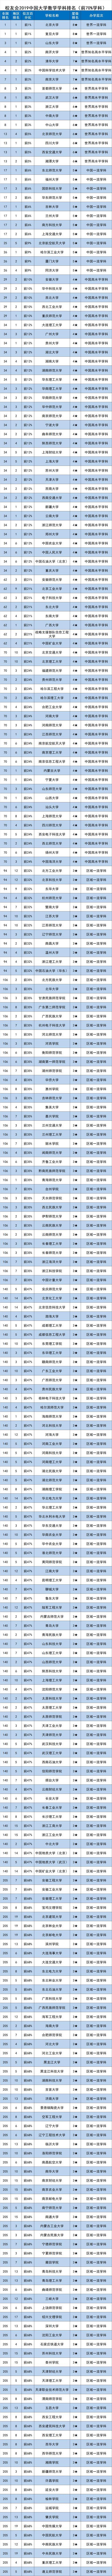 校友会2019中国一流学科排名-数学学科排名,北京大学第一